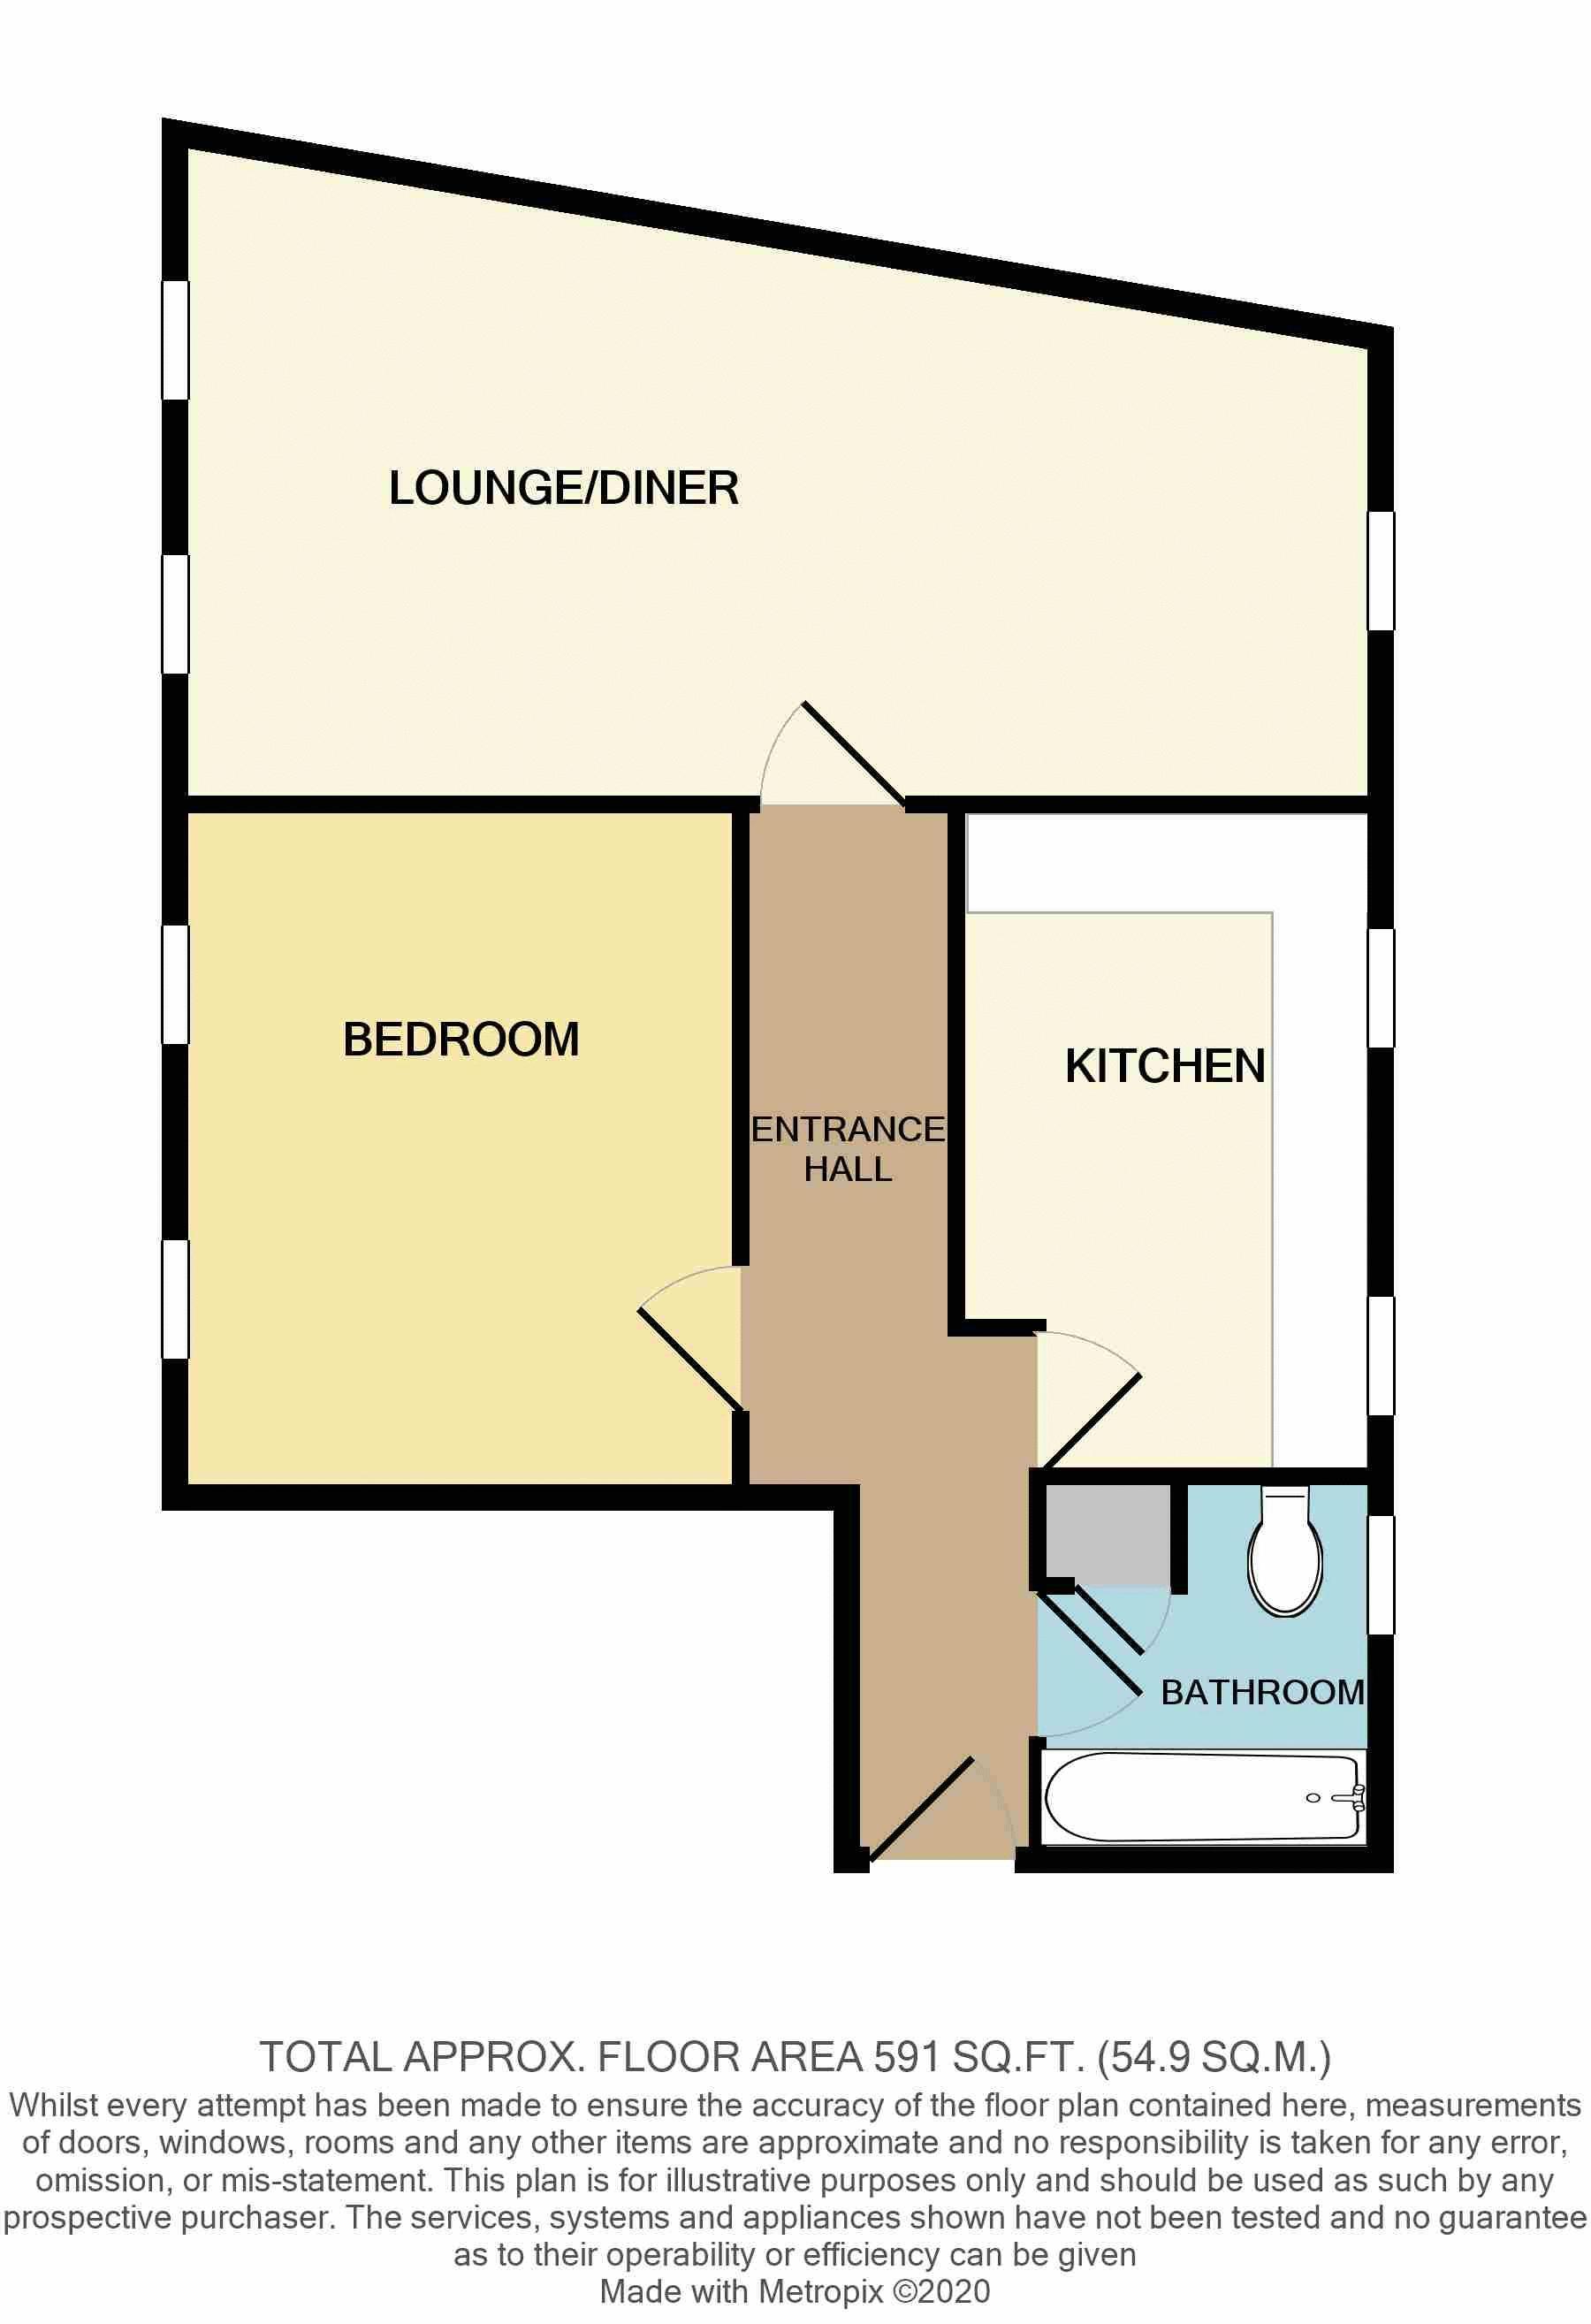 Flat 1, Lyric House, New Street